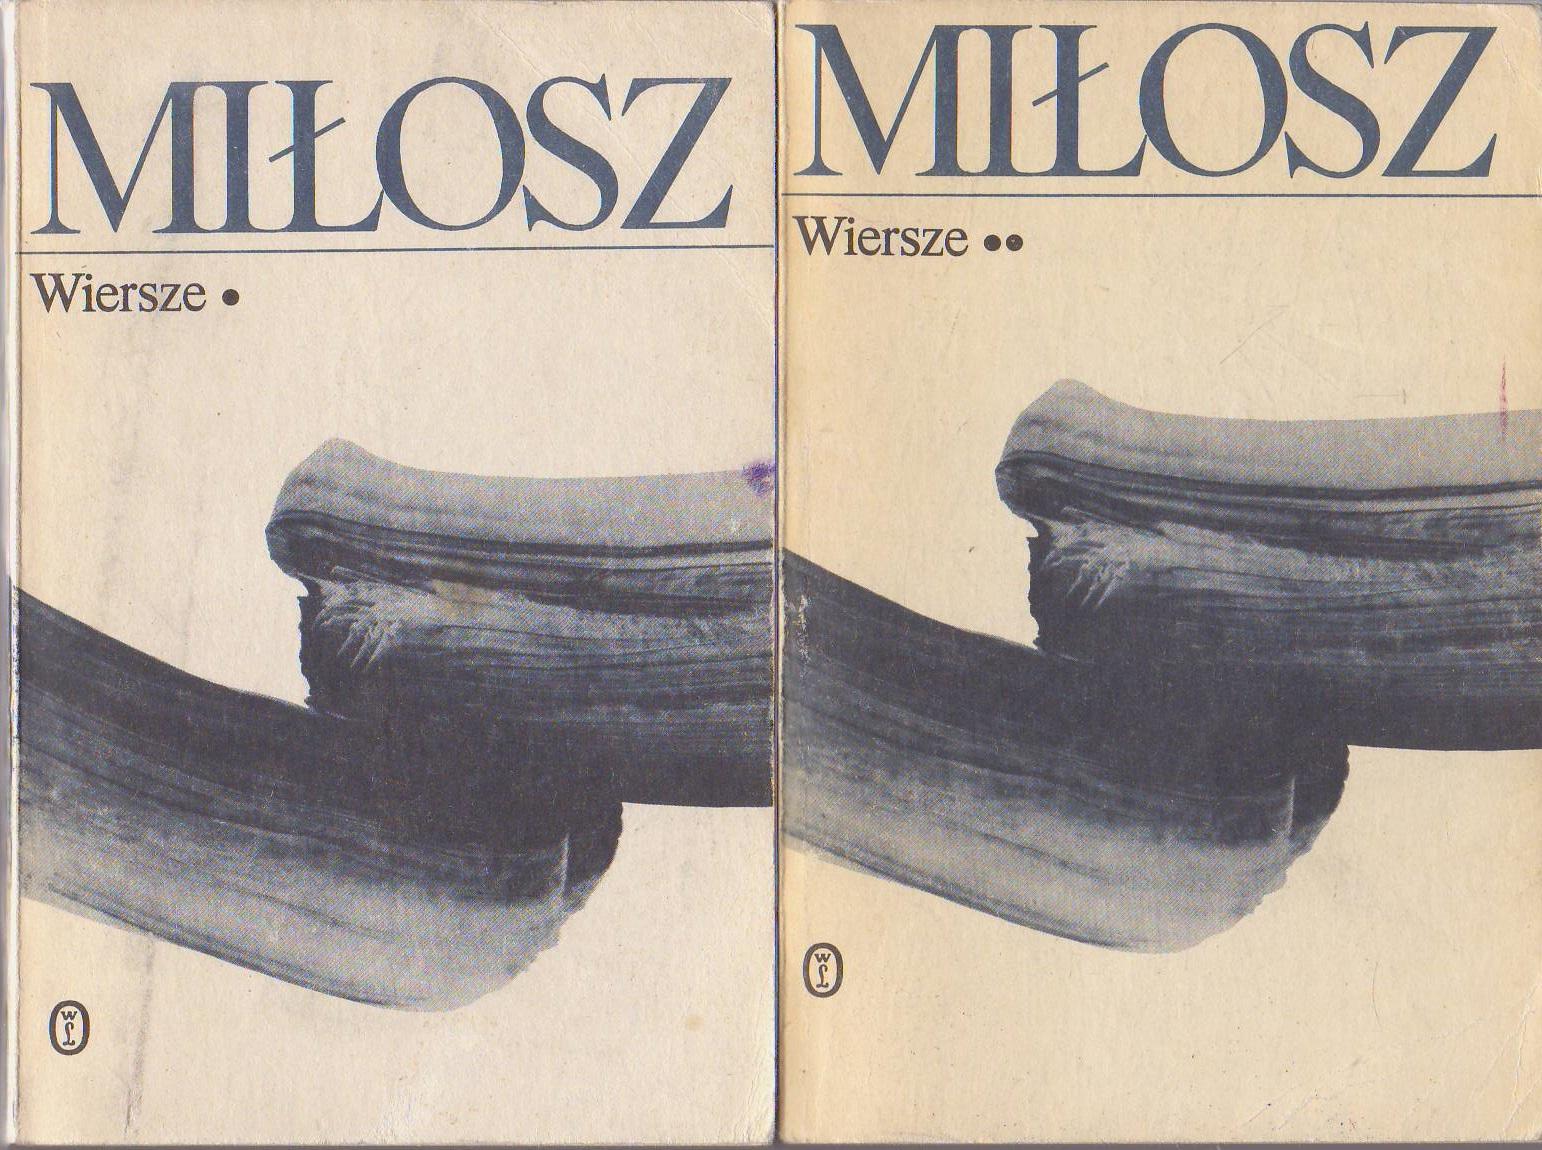 Wiersze Czesław Miłosz 2 Tomy Komplet 7416263779